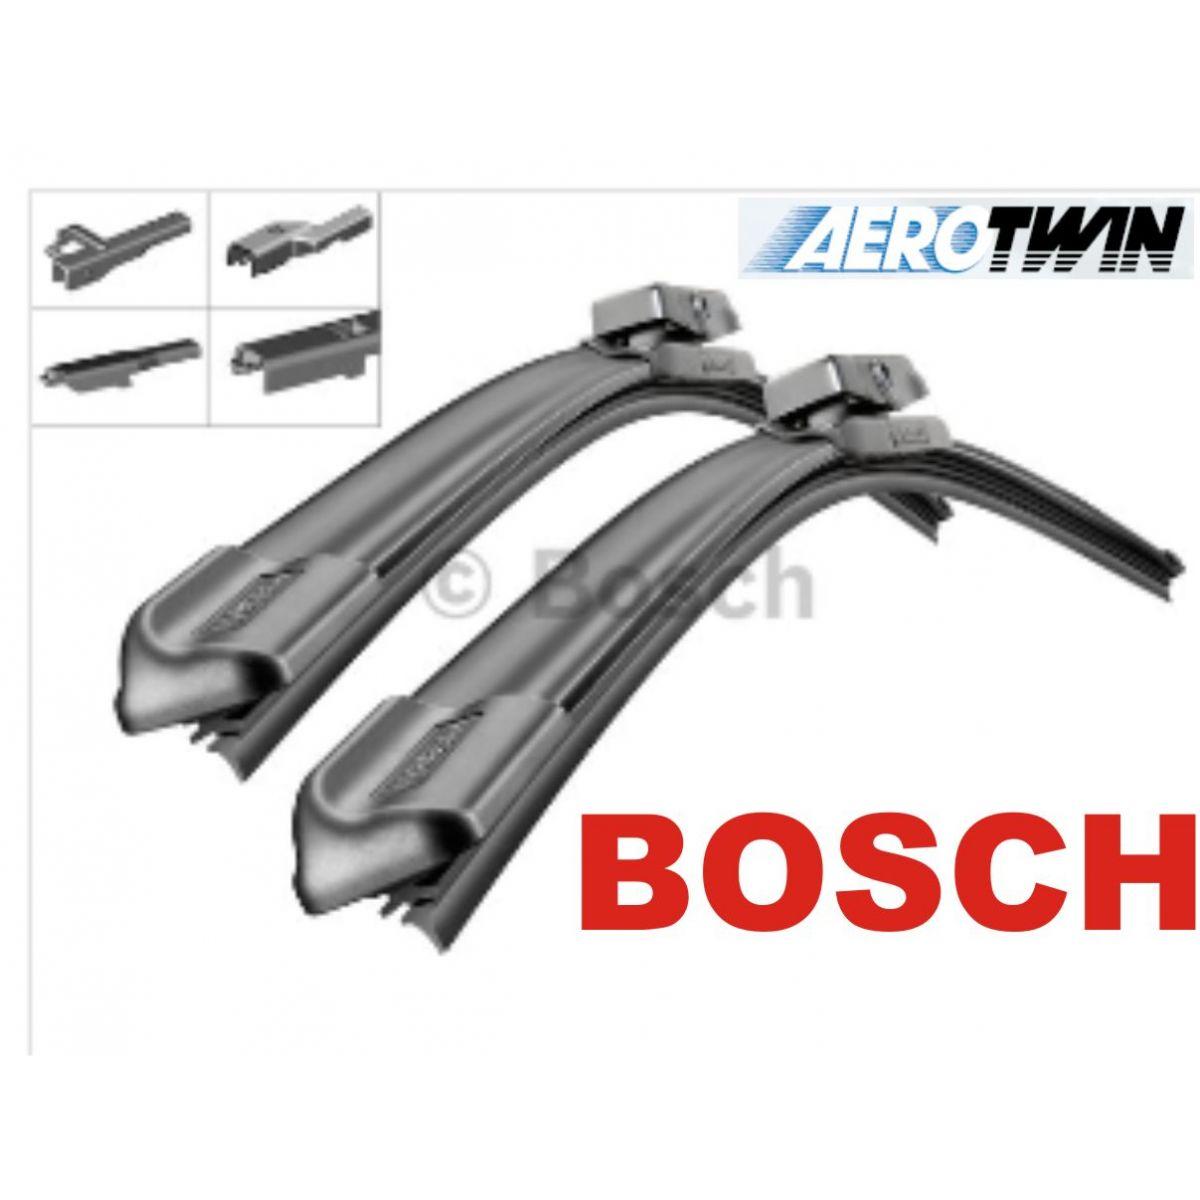 Palheta Bosch Aerotwin Plus Limpador de para brisa Bosch Série 3 [E 91] 2007 a 2009